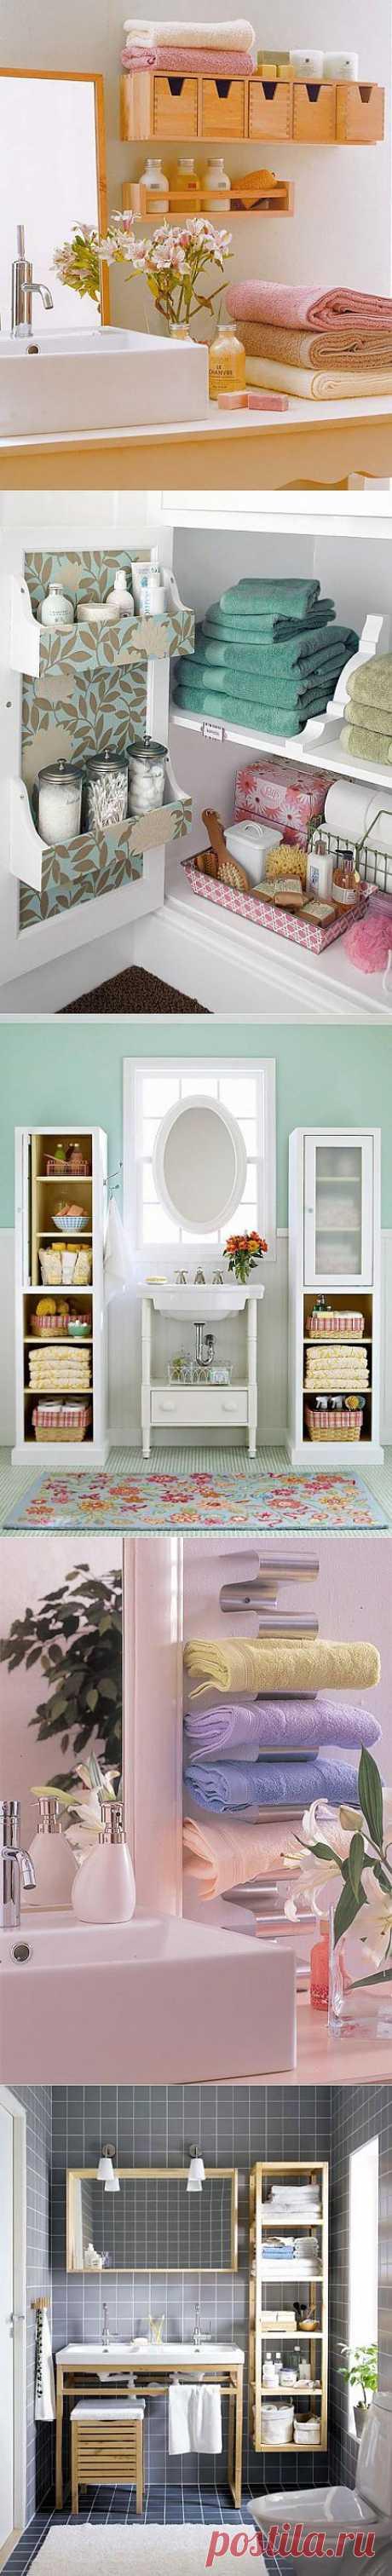 Самые лучшие идеи хранения вещей в ванной комнате | Интерьер и Дизайн